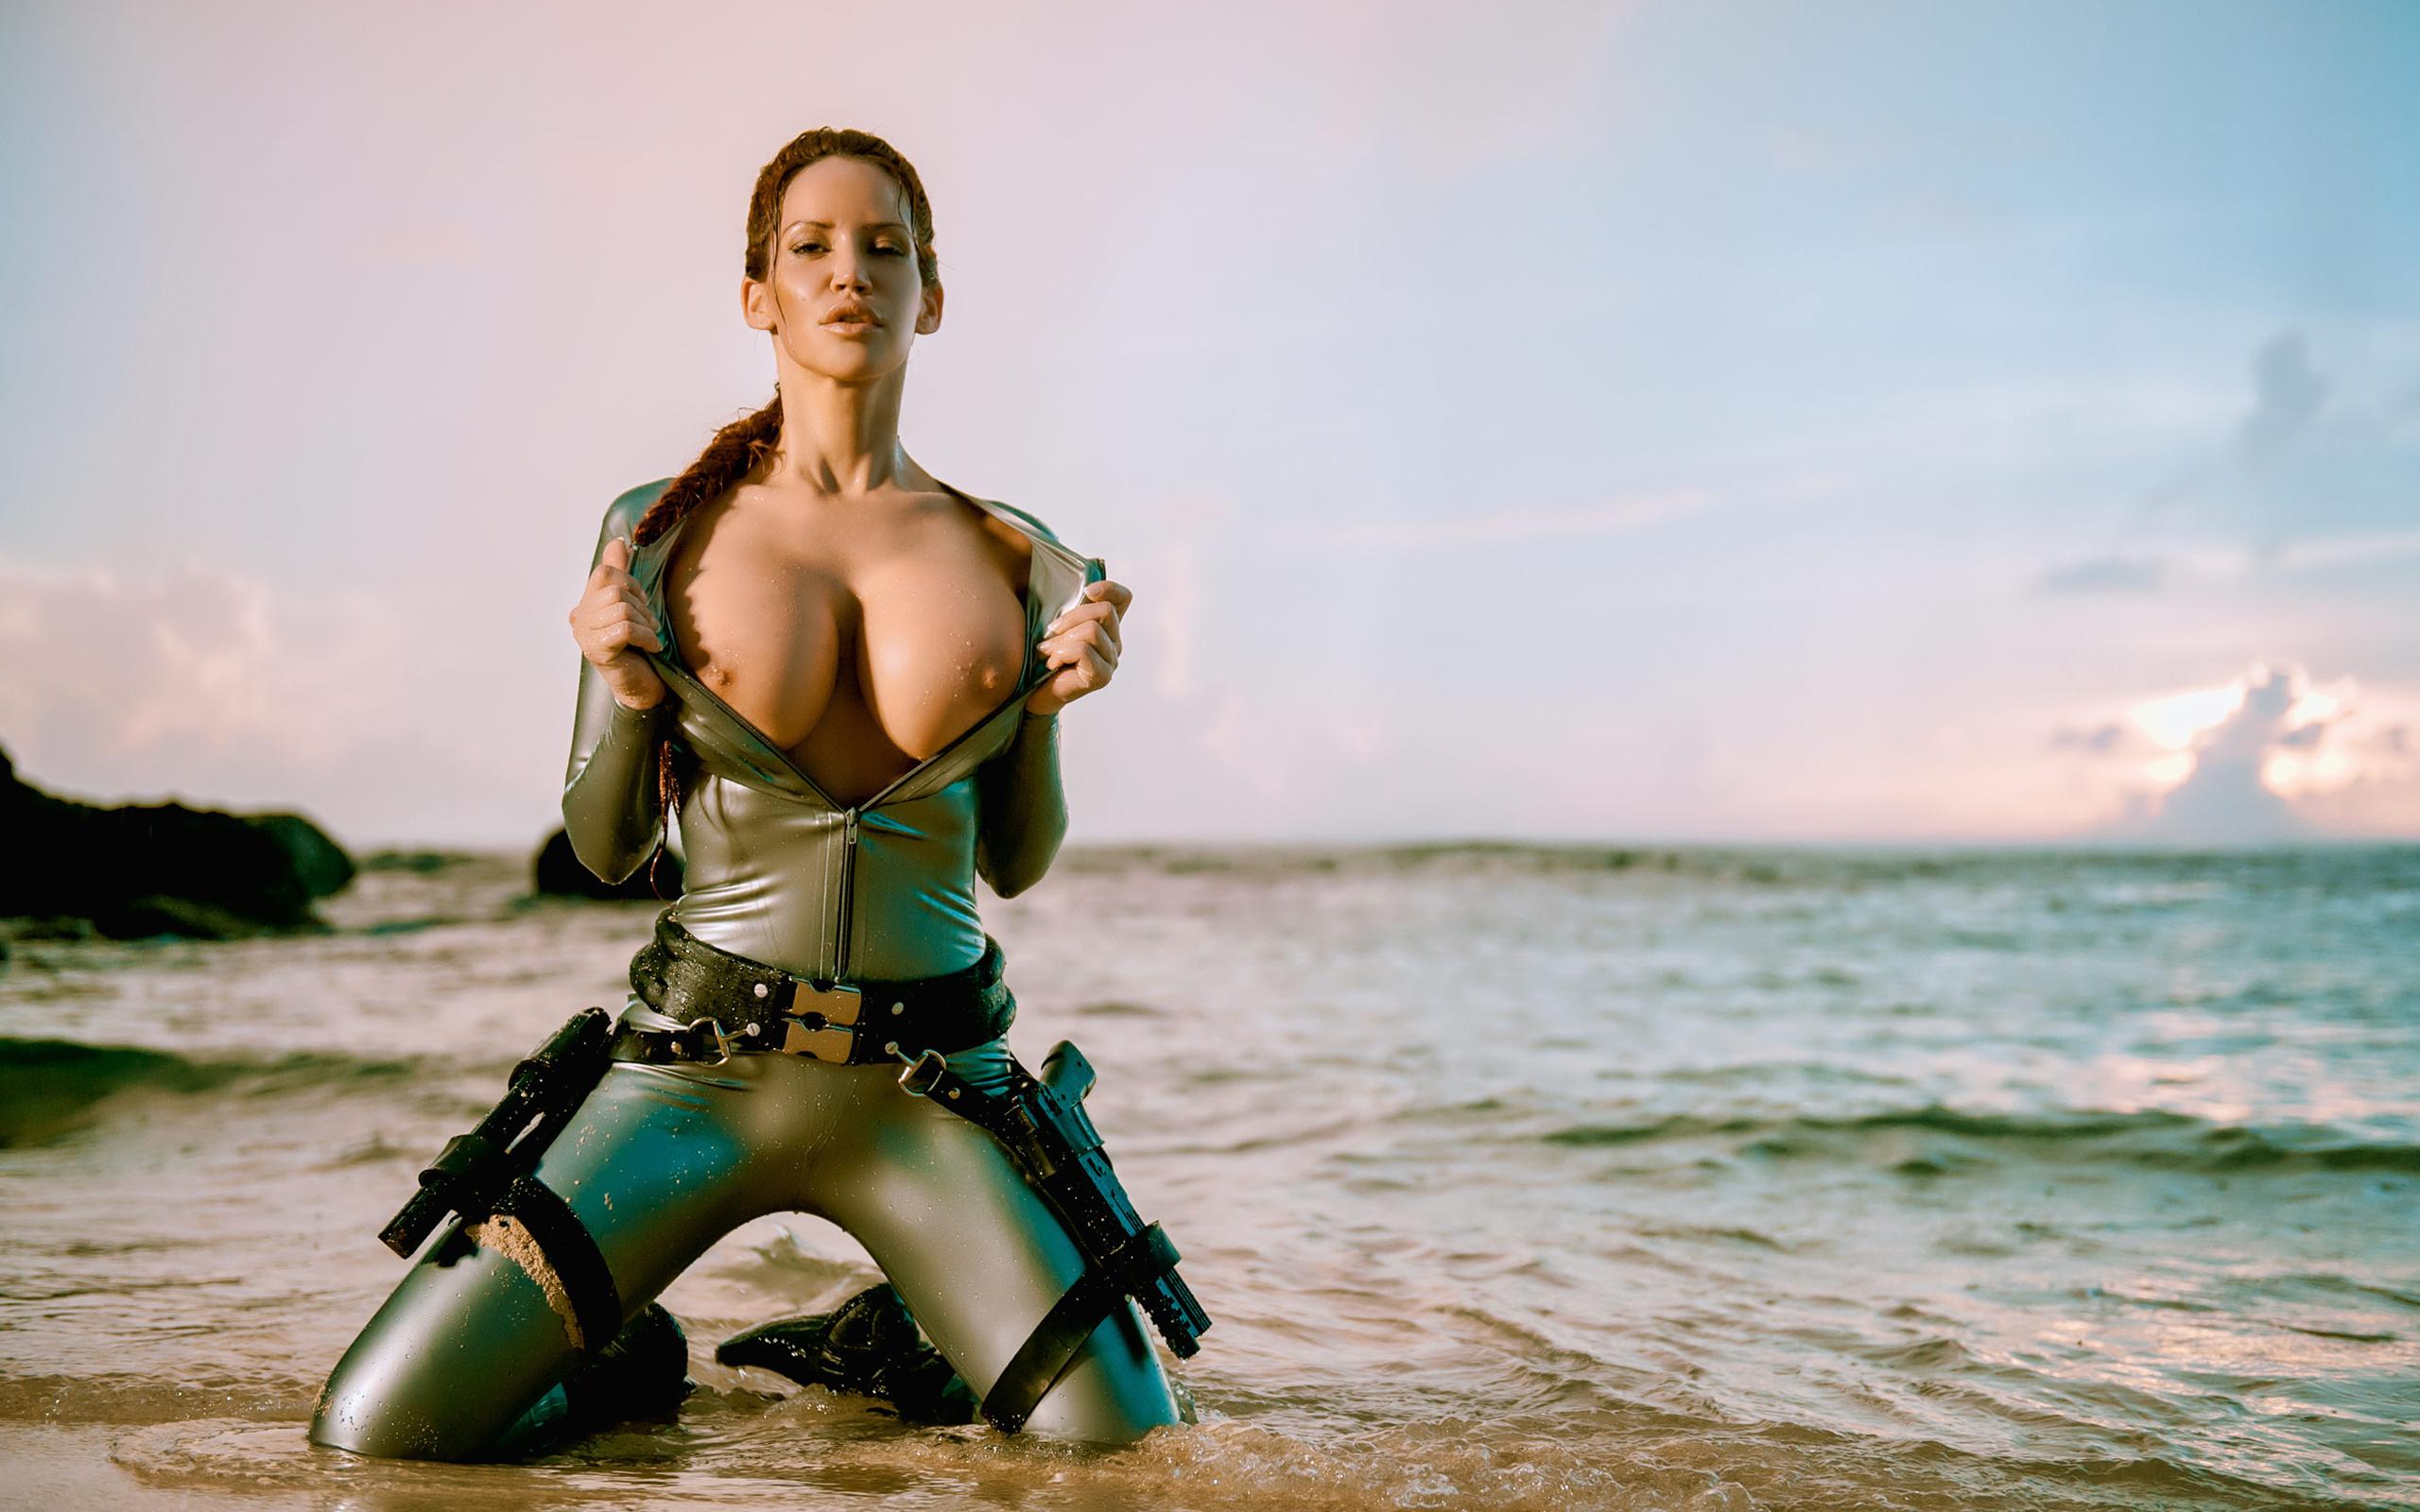 Naked hot female body builders